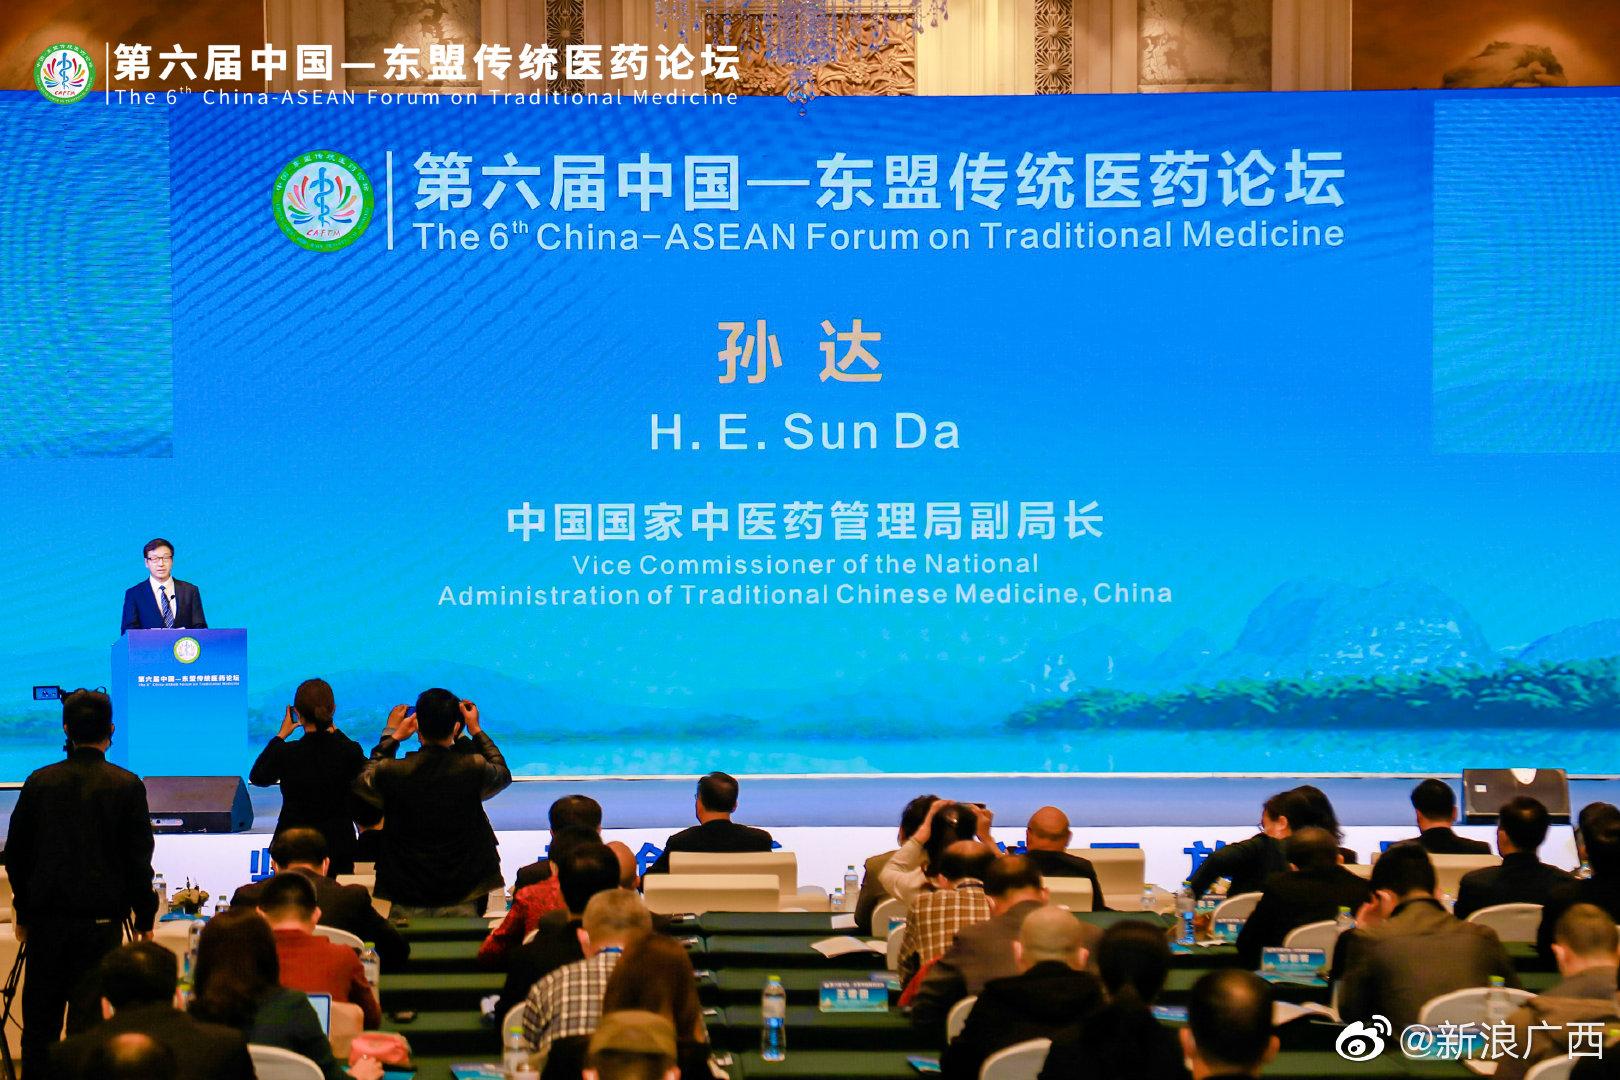 国家中医药管理局党组成员、副局长孙达先生在第六届中国-东盟传统医